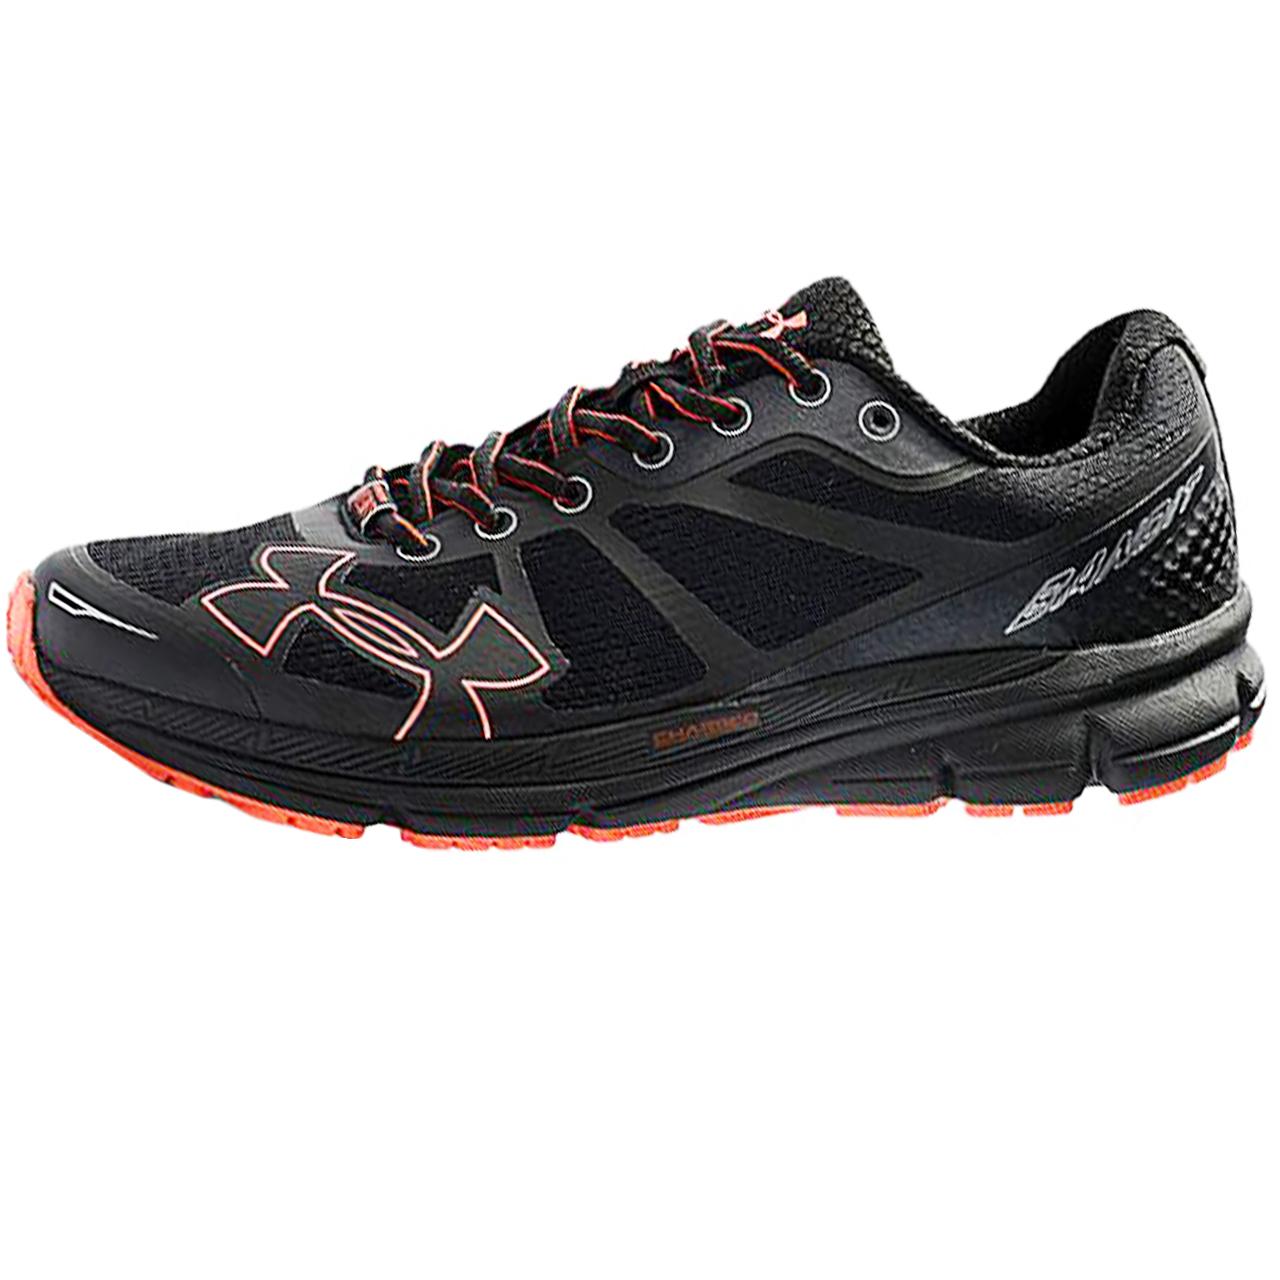 قیمت کفش ورزشی مخصوص دویدن و پیاده روی مردانه آندر آرمور مدل charged bandit